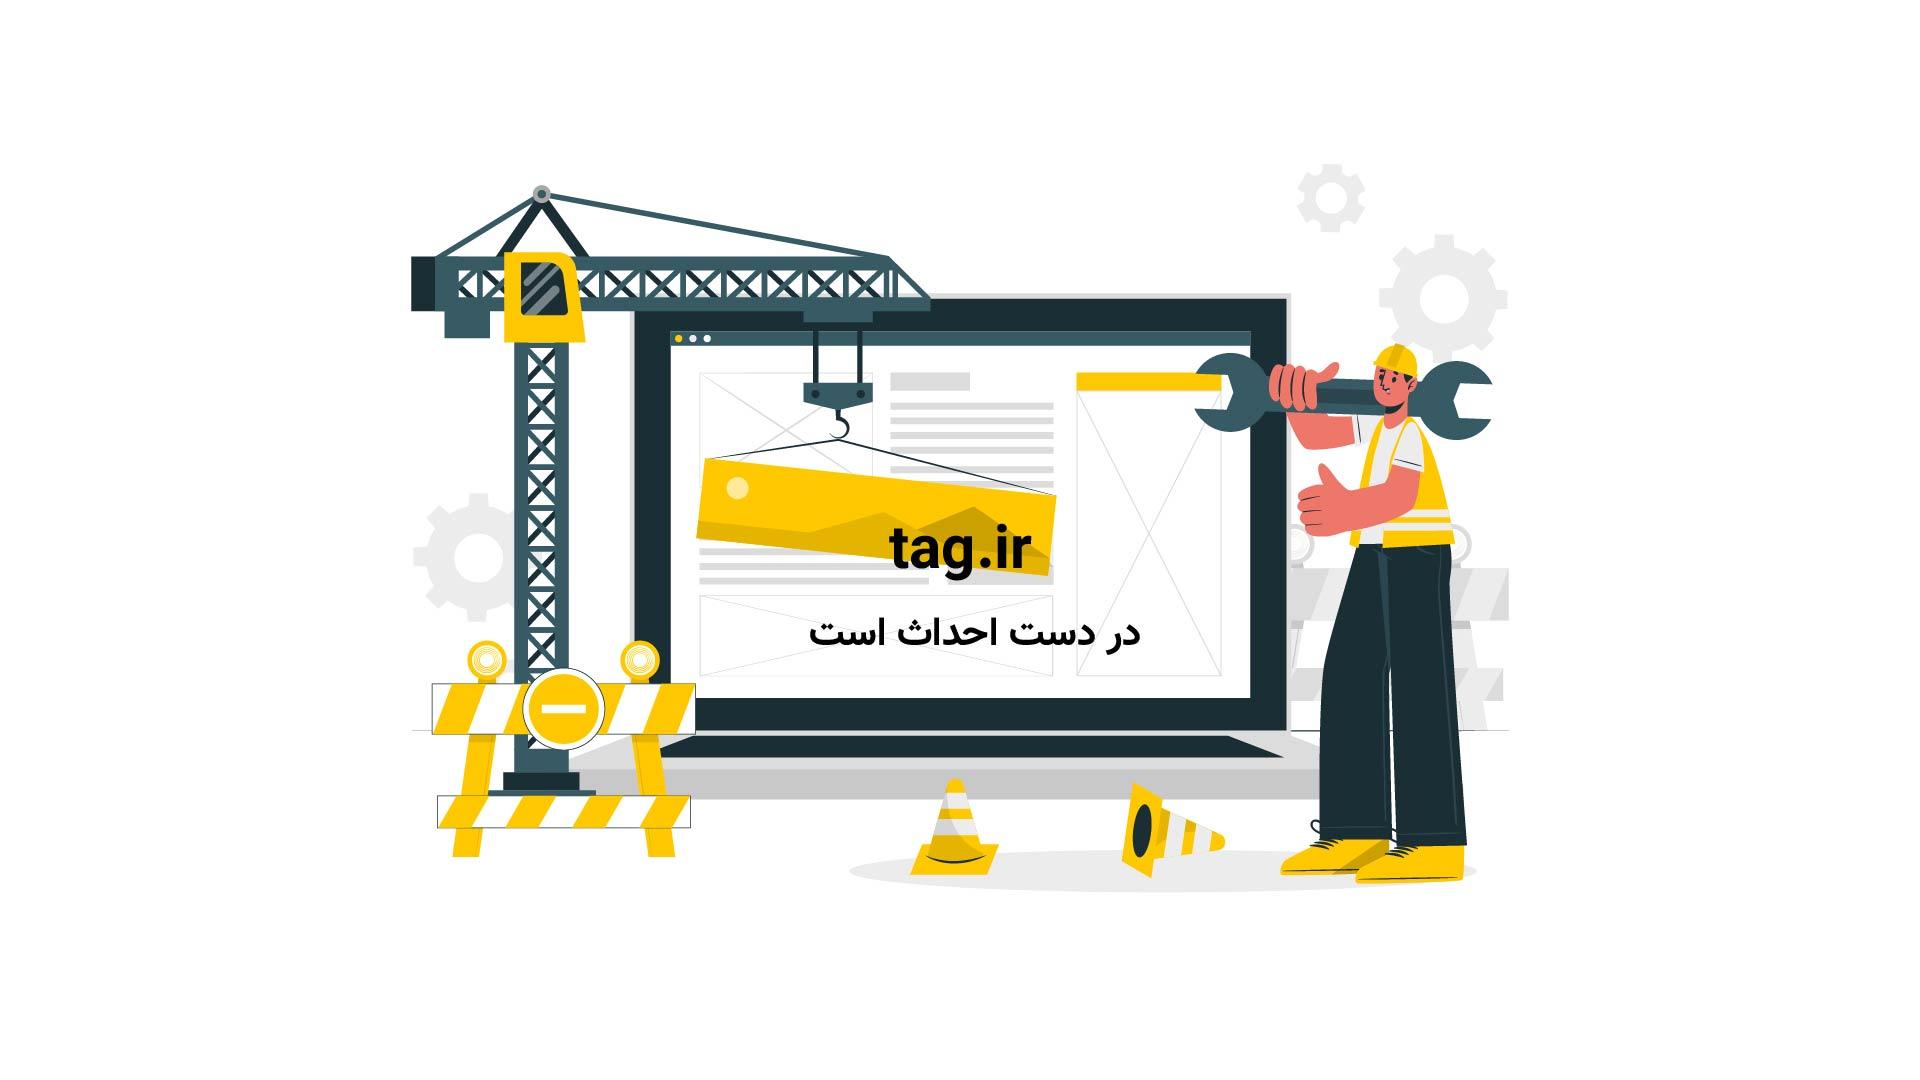 شادی و پایکوبی مهاجران نجات داده شده از آبهای مدیترانه | فیلم